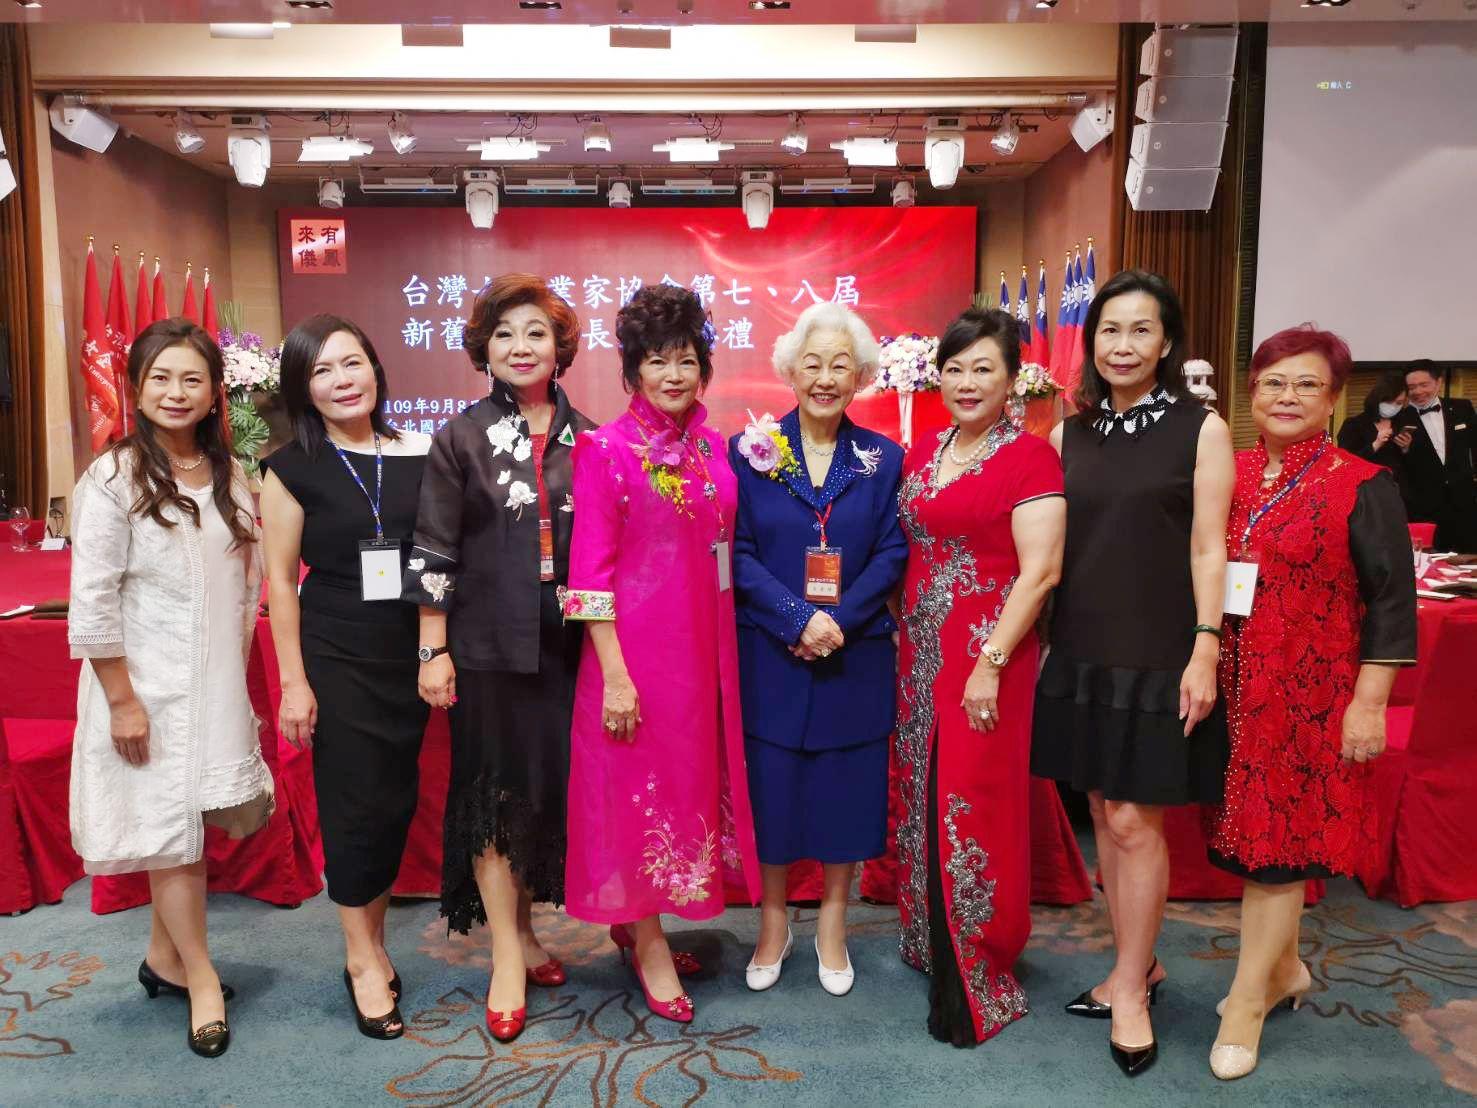 第八屆台灣女企業家協會新任理事長交接典禮:團結女企業家力量,如浴火鳳凰!